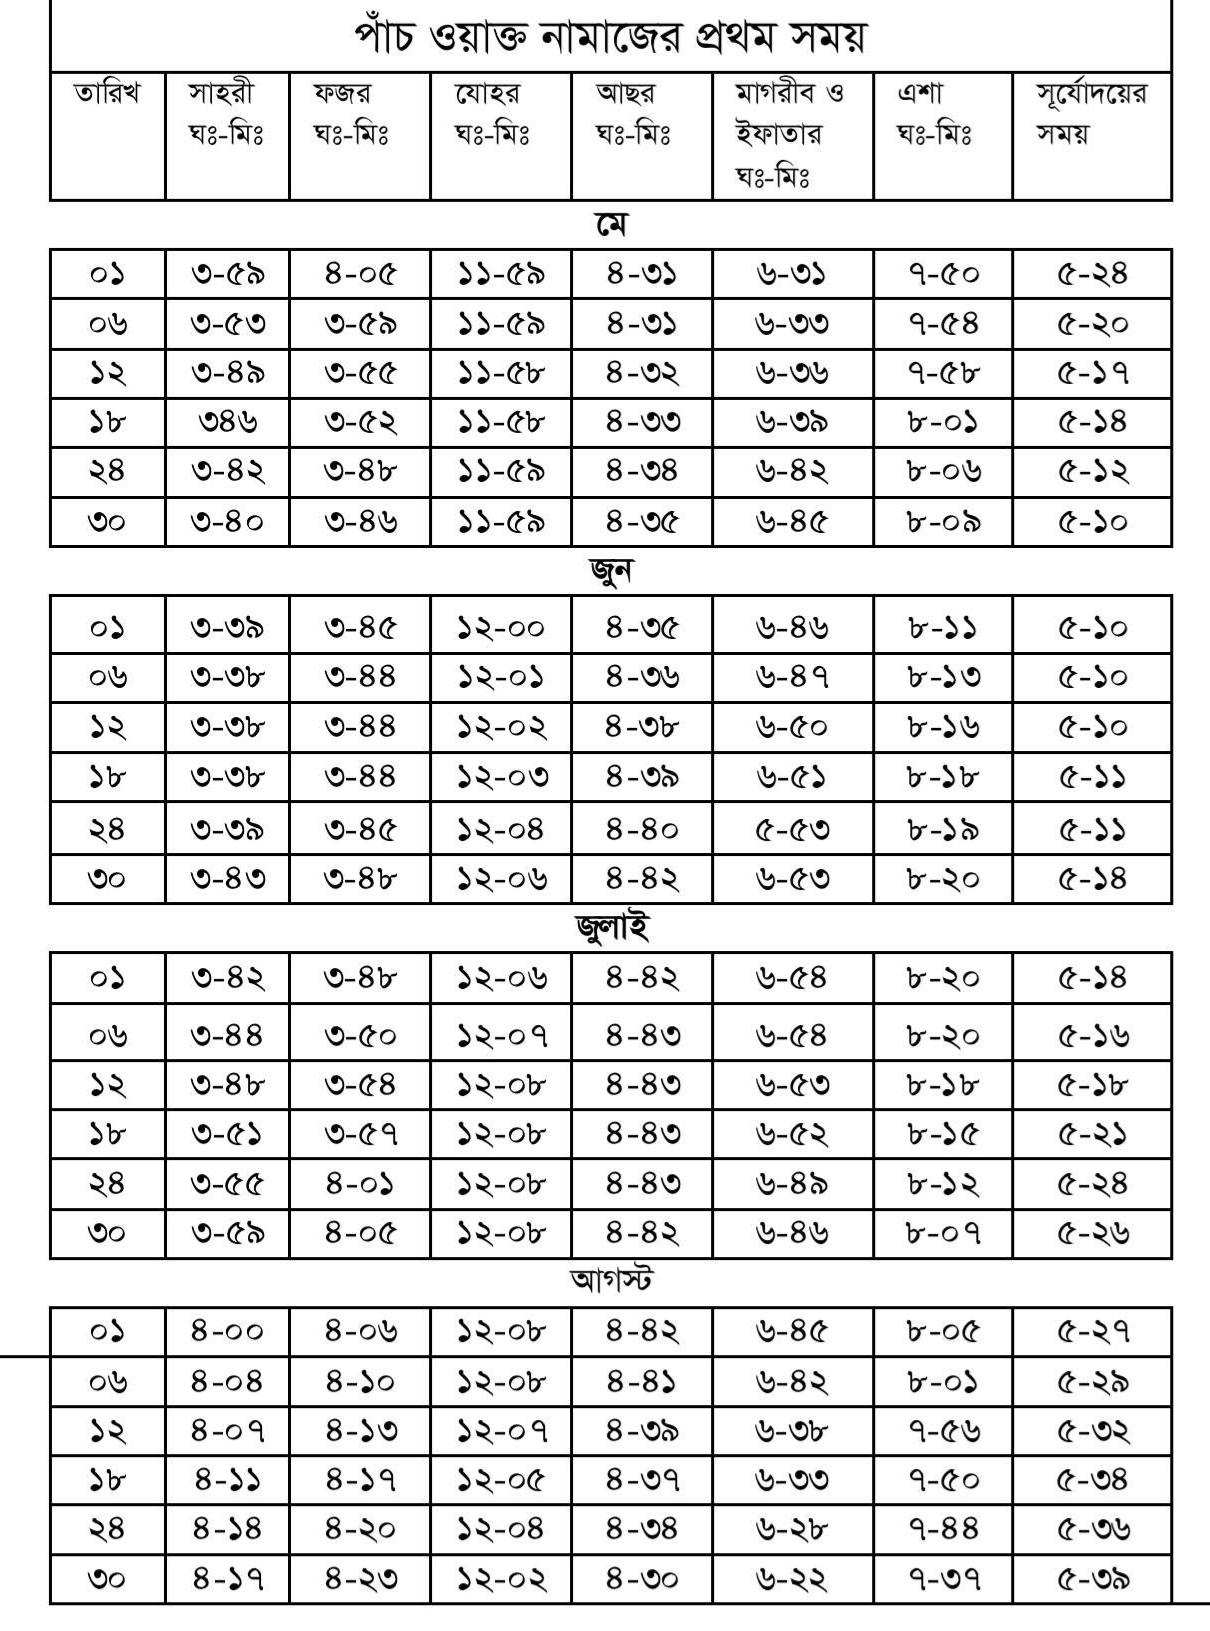 নামাজের চিরস্থায়ী সময়সূচী ২০২১ | নামাজের সময়সূচি ২০২১